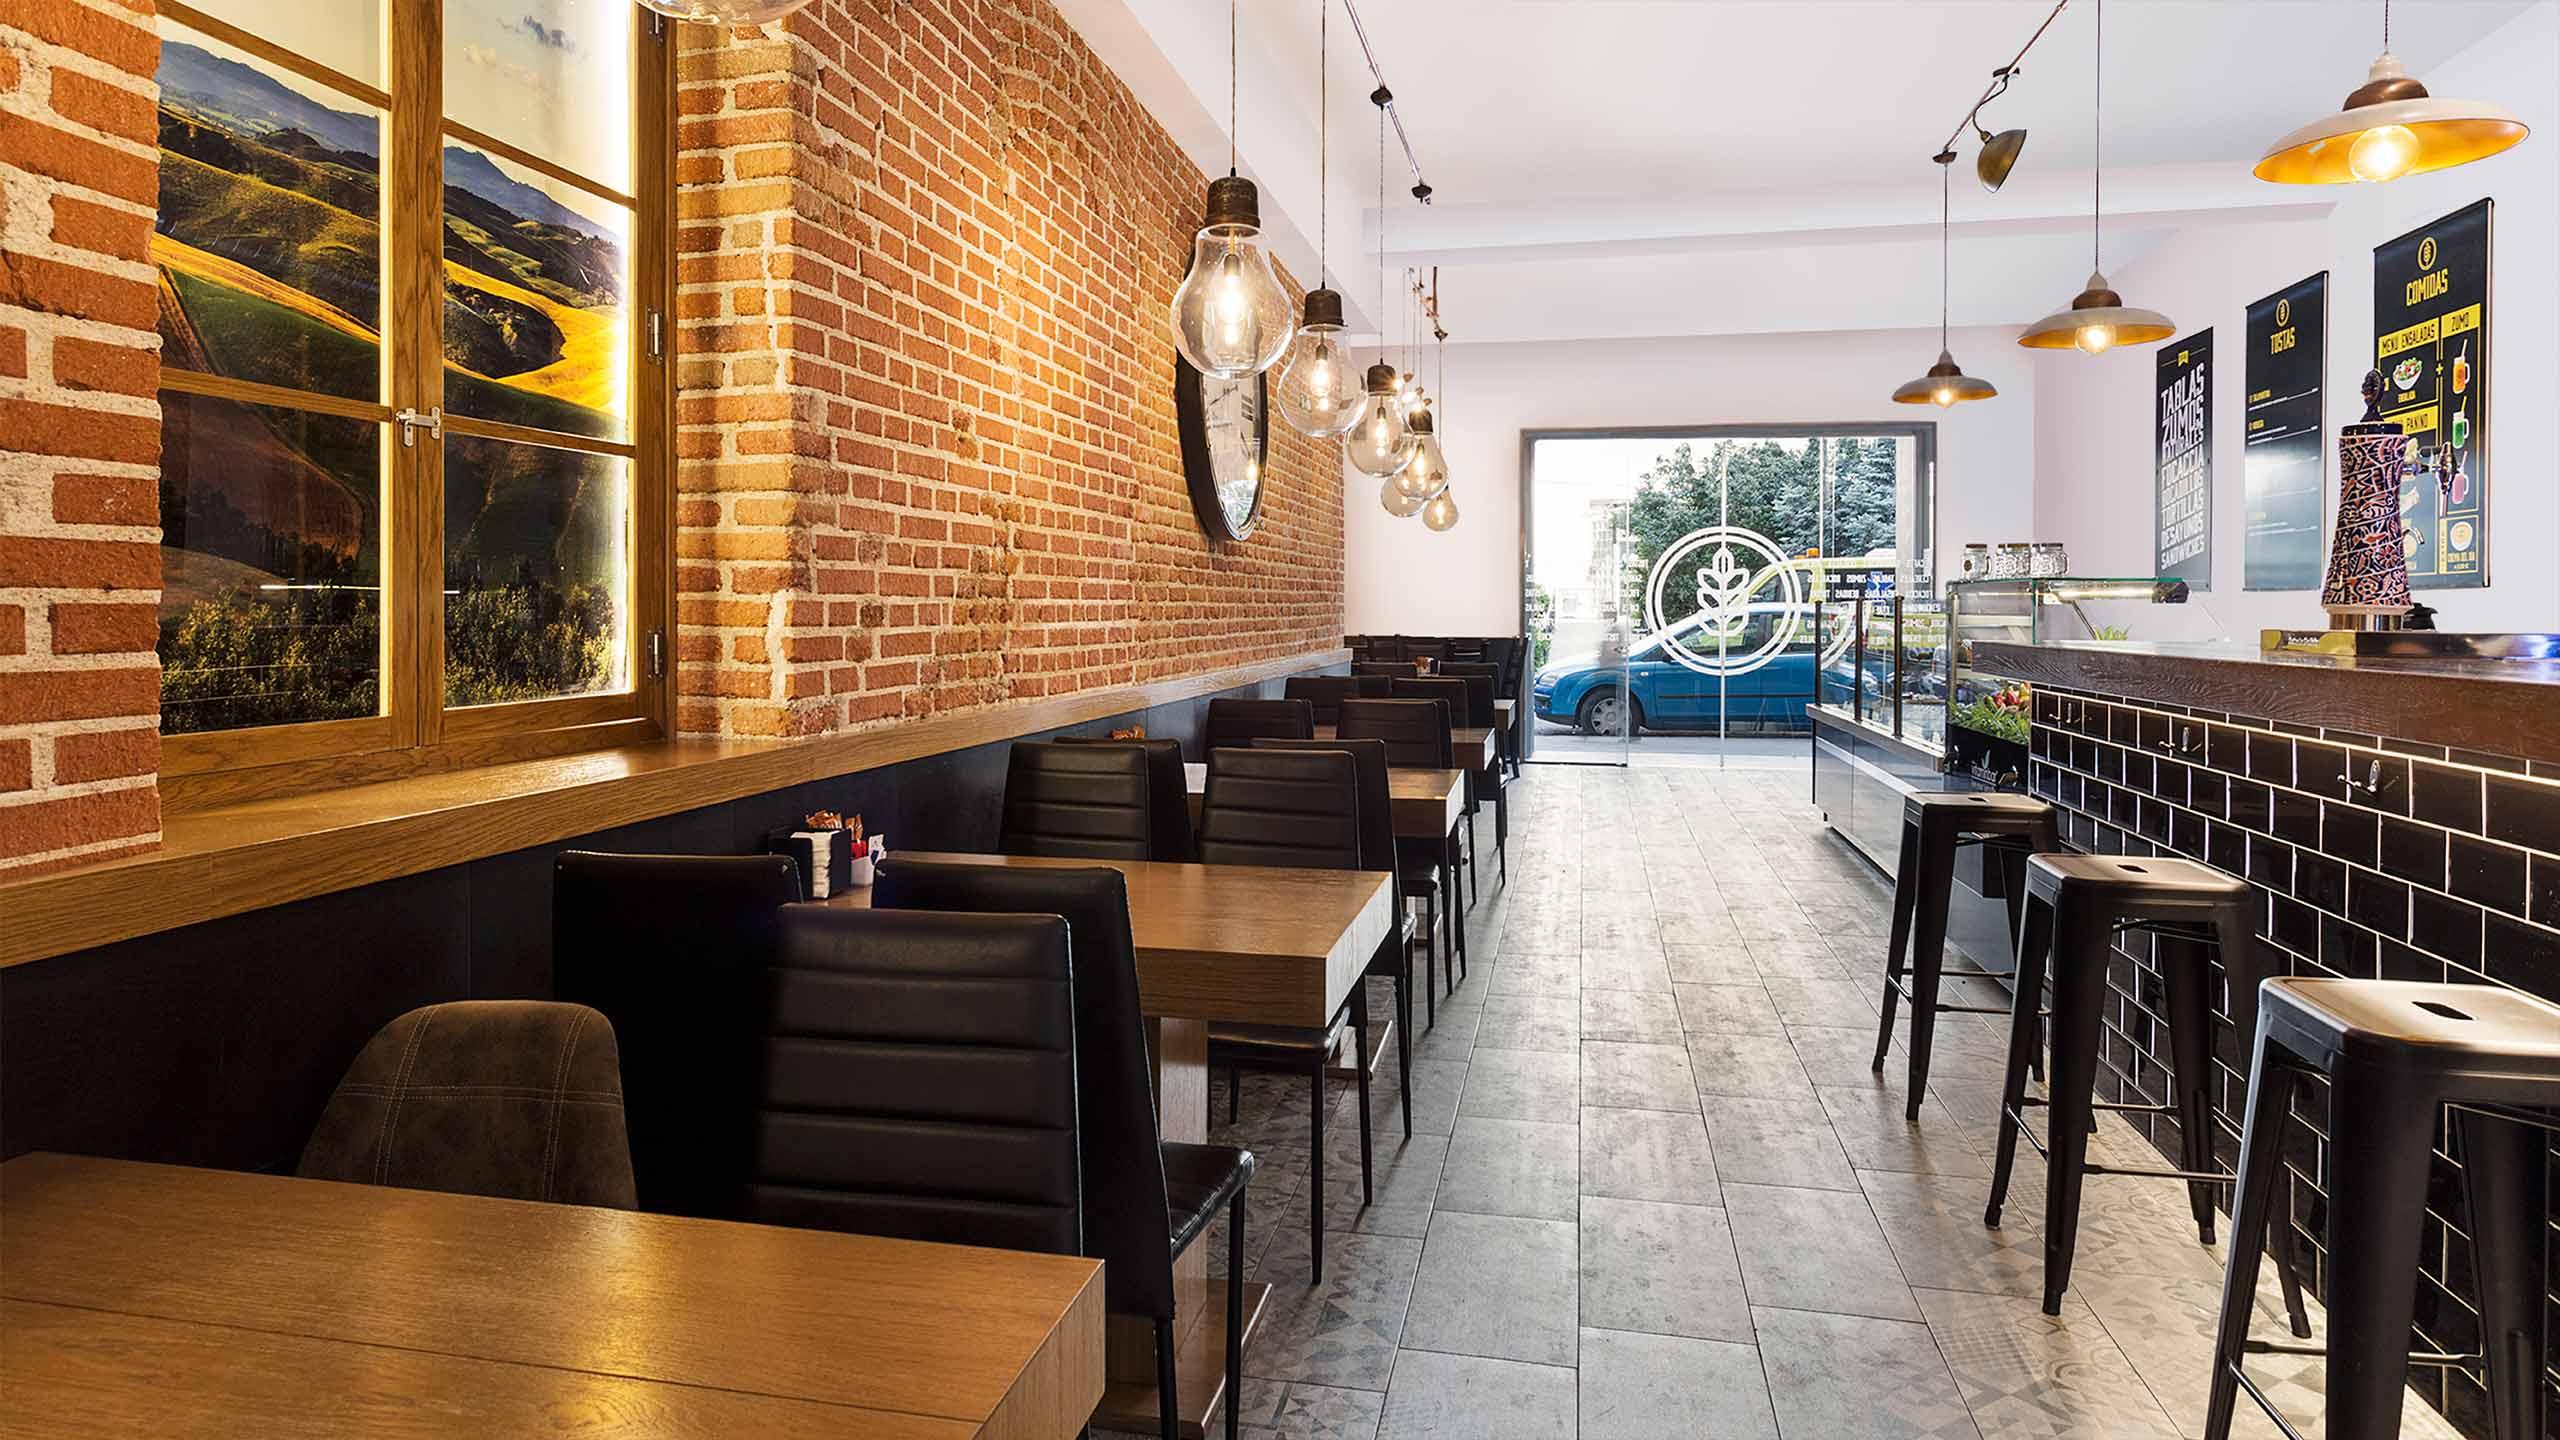 Diseño de vinilos y menús interiores para la cafetería Toscana Madrid